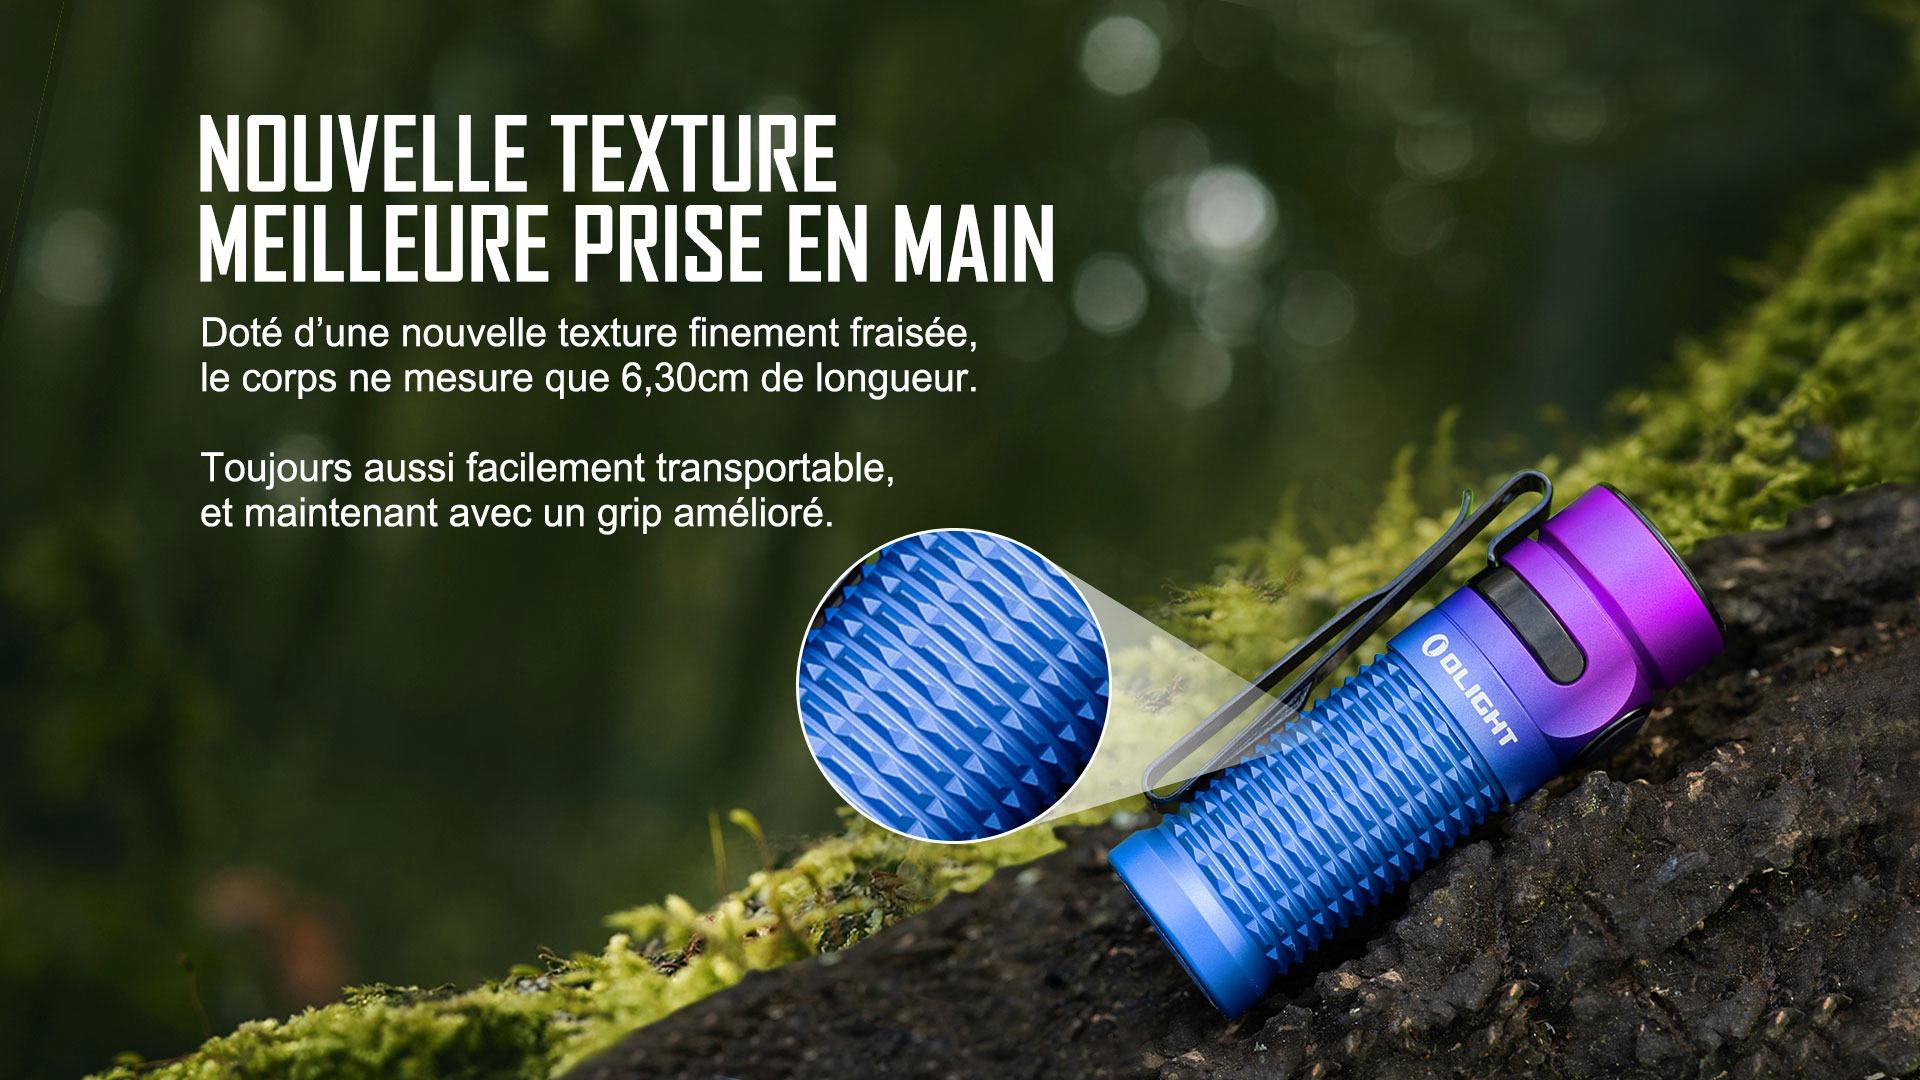 lampe de poche a une texture et prise en main délicates et exquises